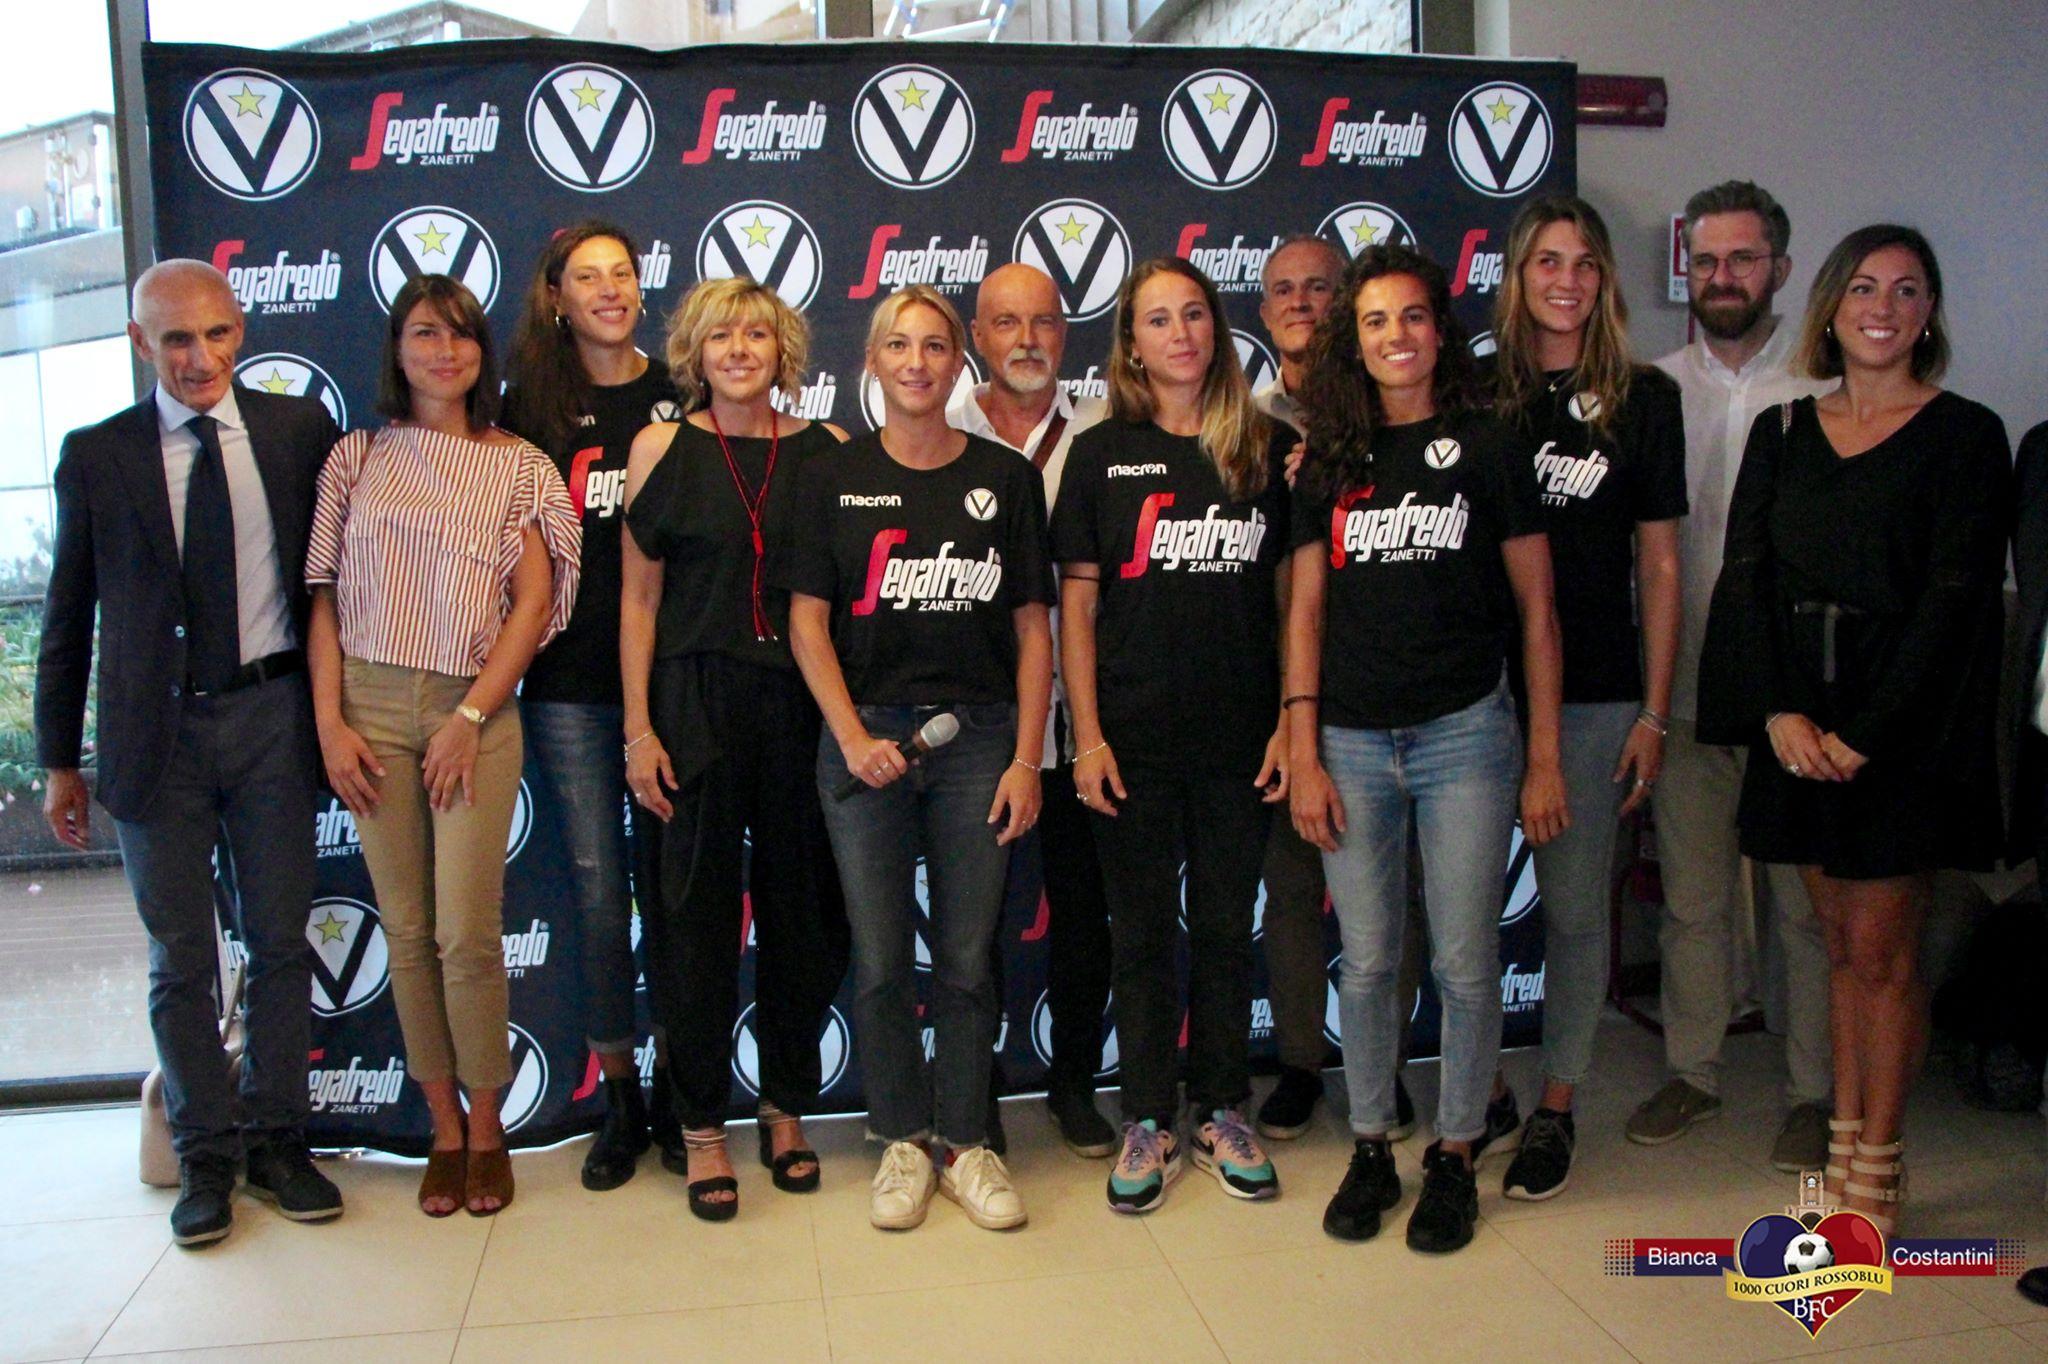 La Virtus femminile è nata ufficialmente in una serata di festa a  Palazzo di Varignana